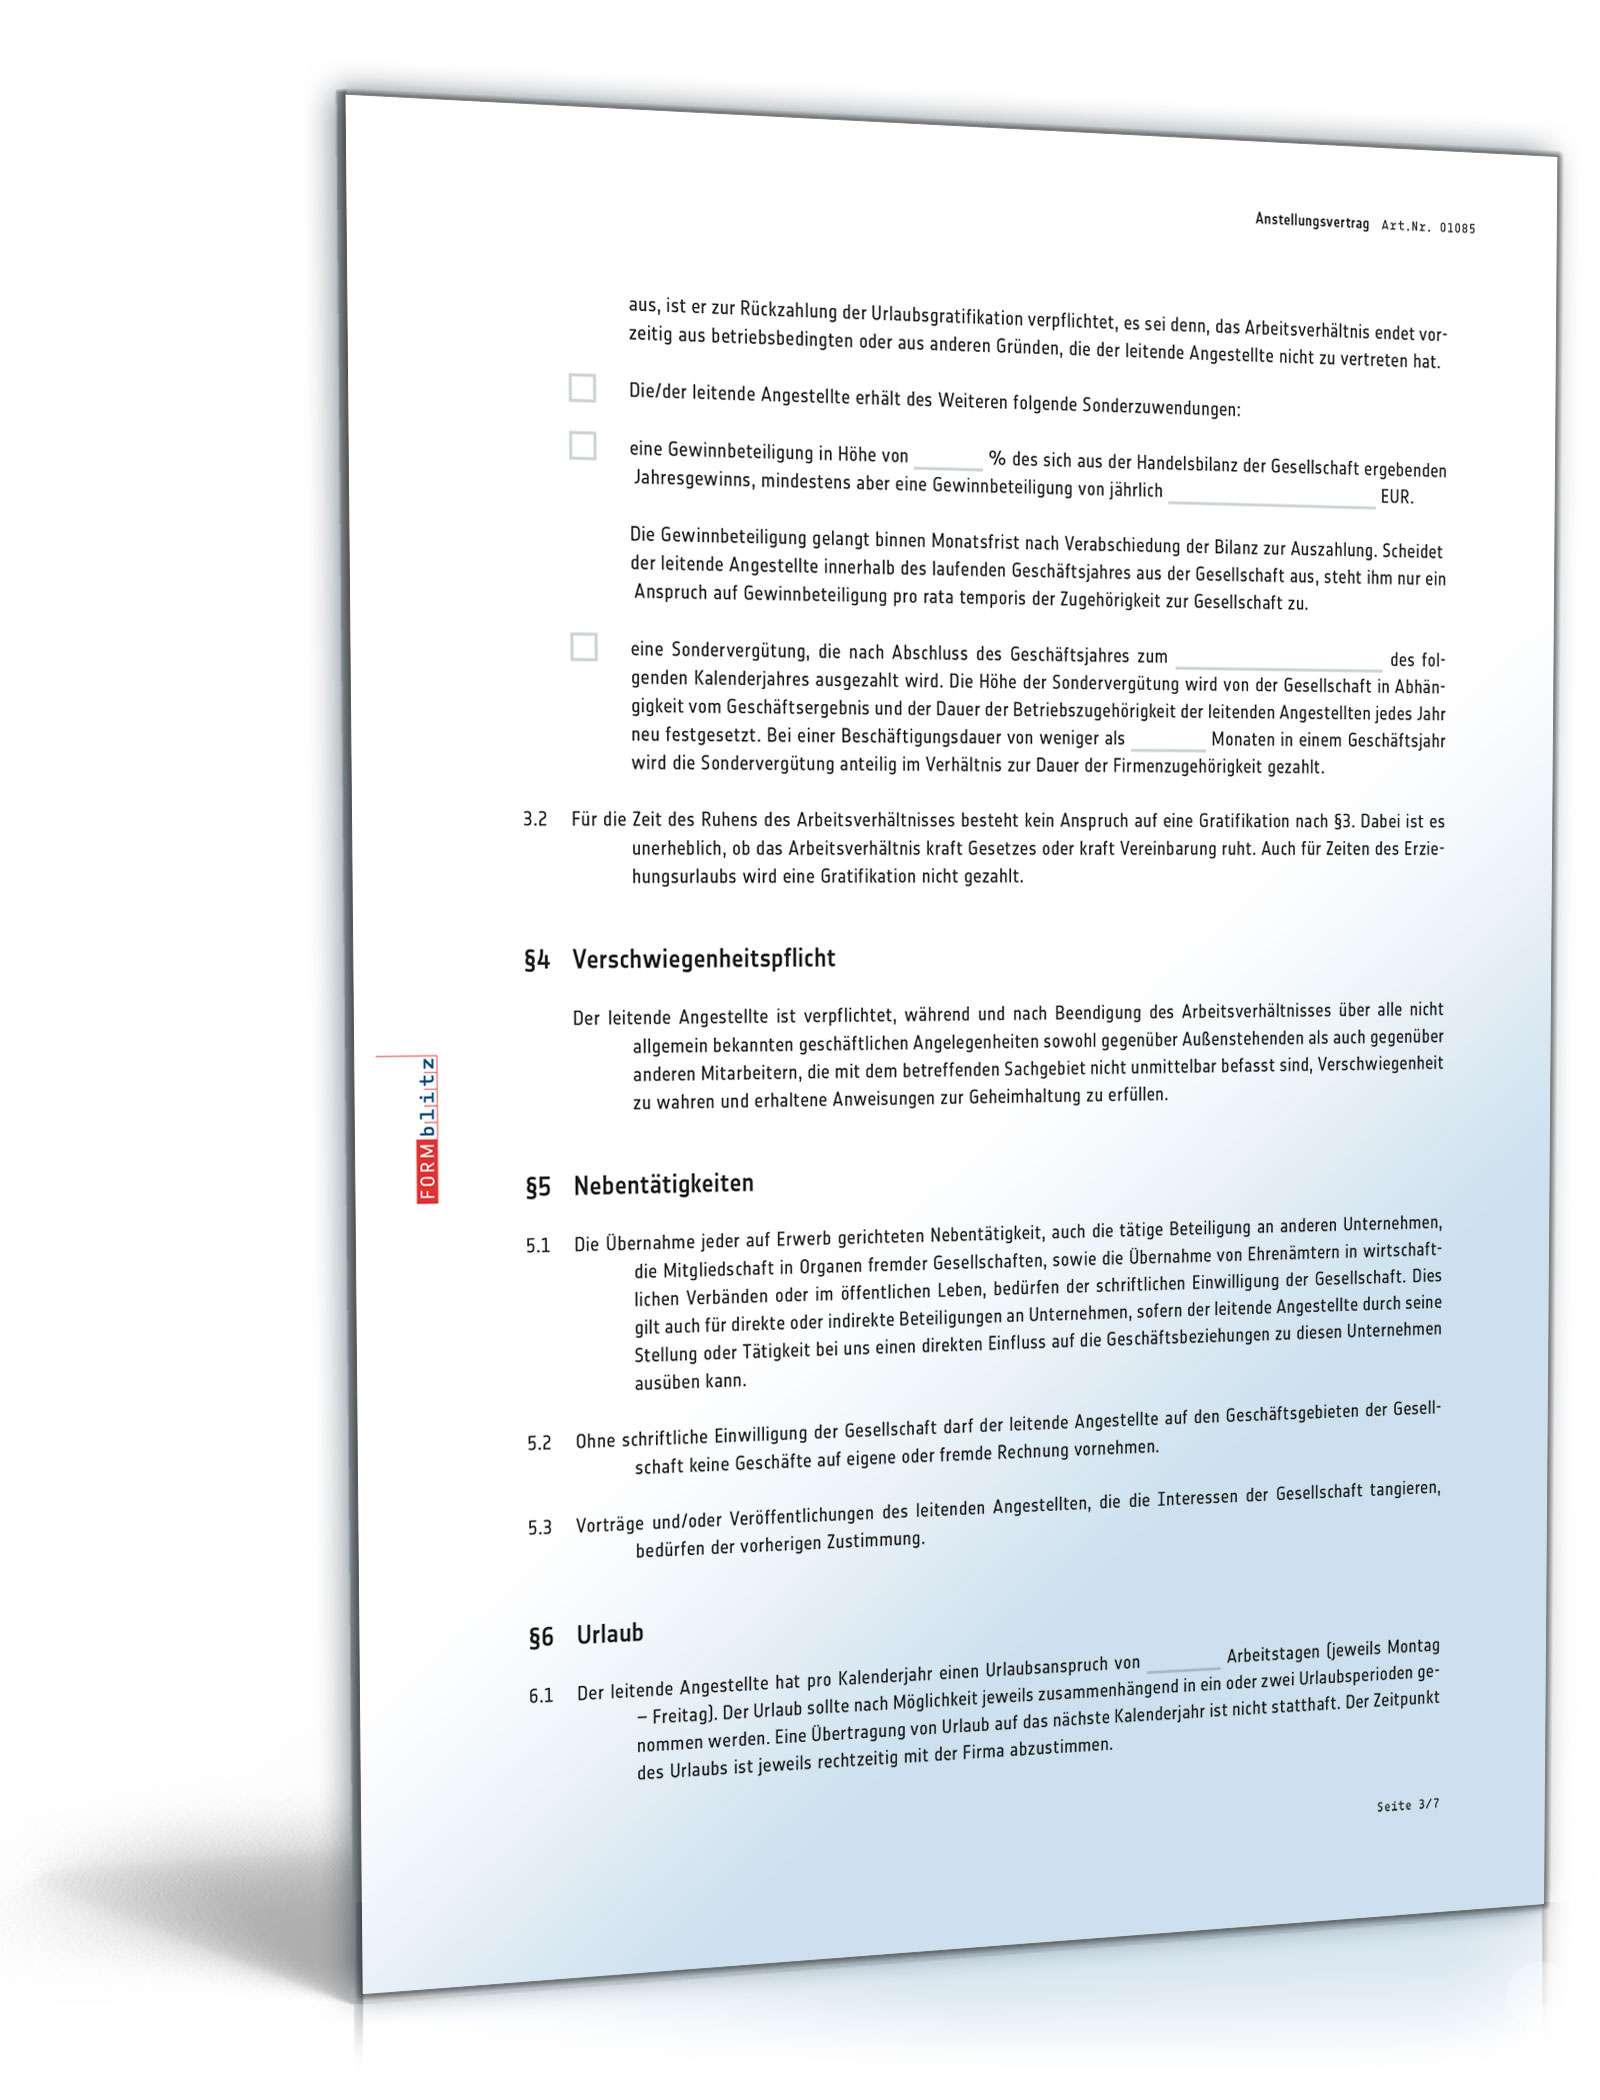 Anstellungsvertrag Leitende Angestellte Muster Zum Download